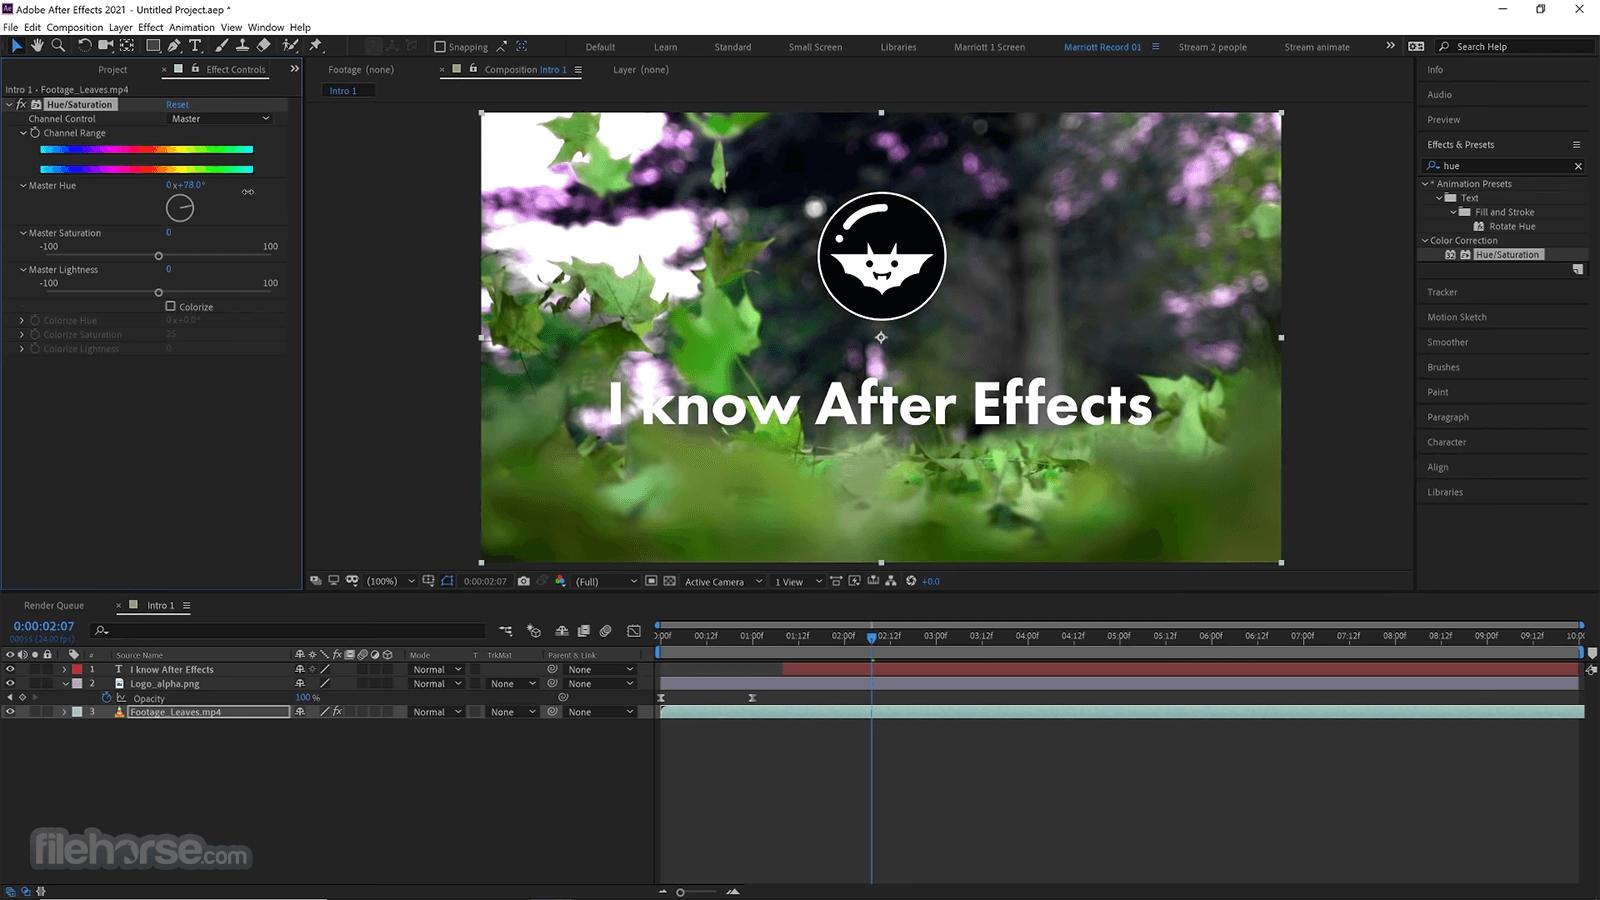 Adobe After Effects CC 2021 18.4.1 Screenshot 4